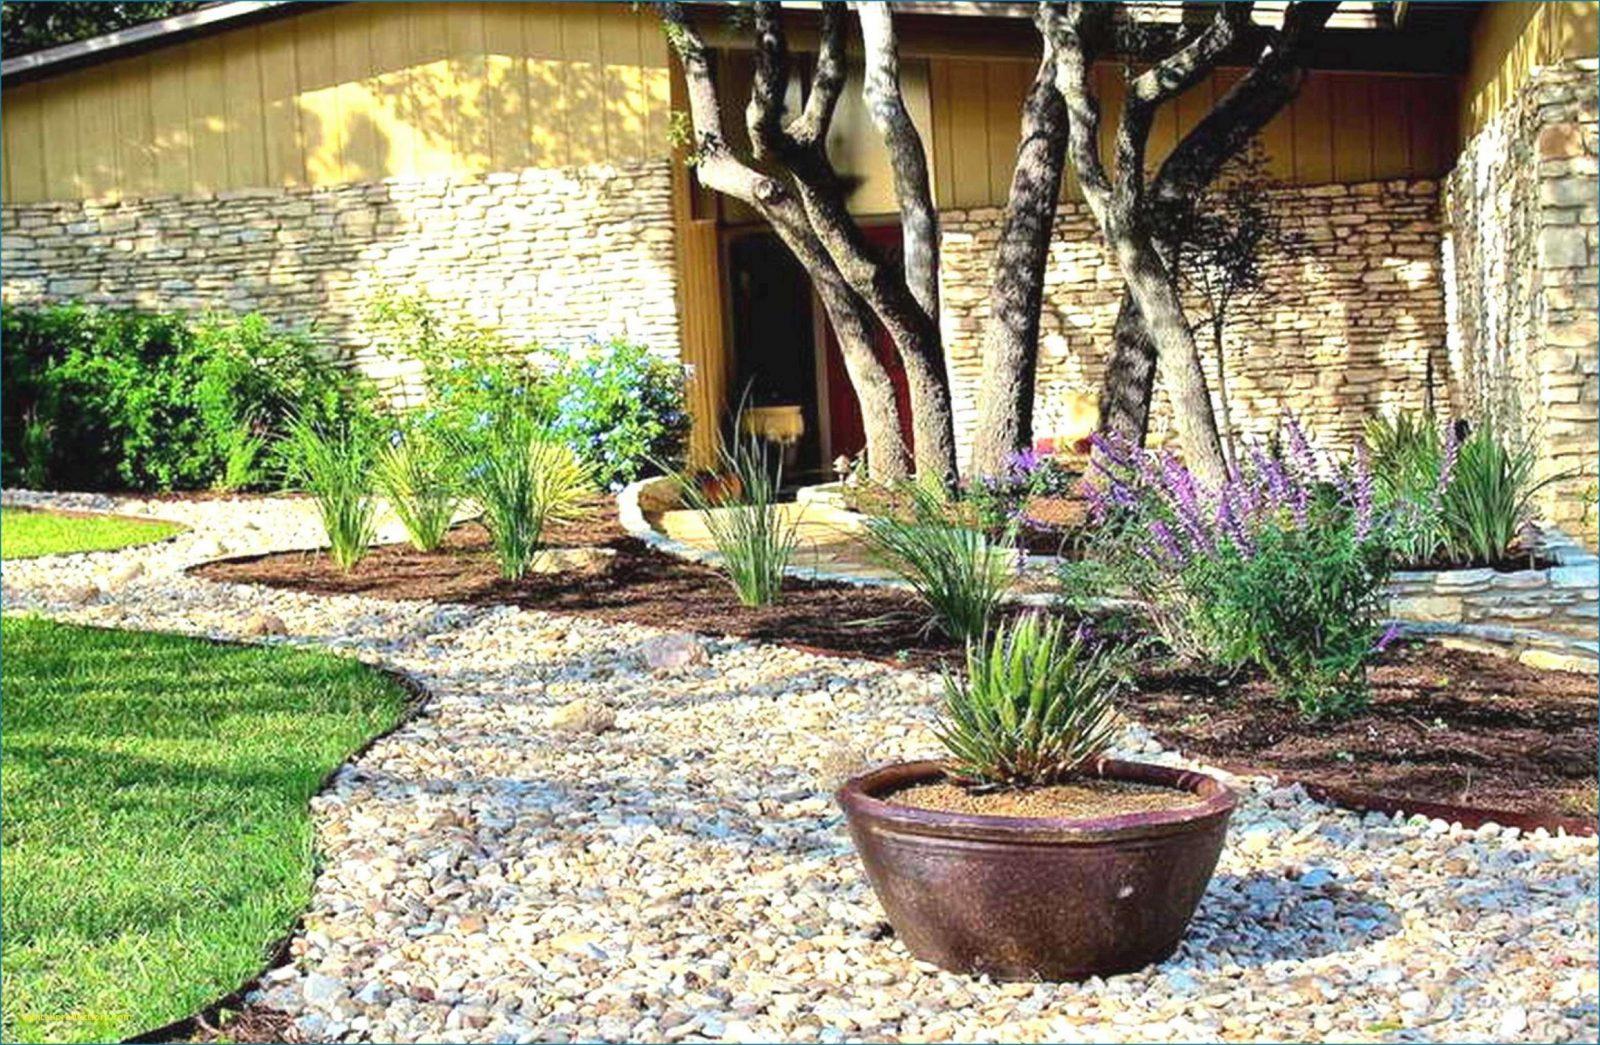 Vorgarten Mit Kies Gestalten Bilder Schema Von Gartengestaltung Kies von Gartengestaltung Mit Kies Bilder Bild